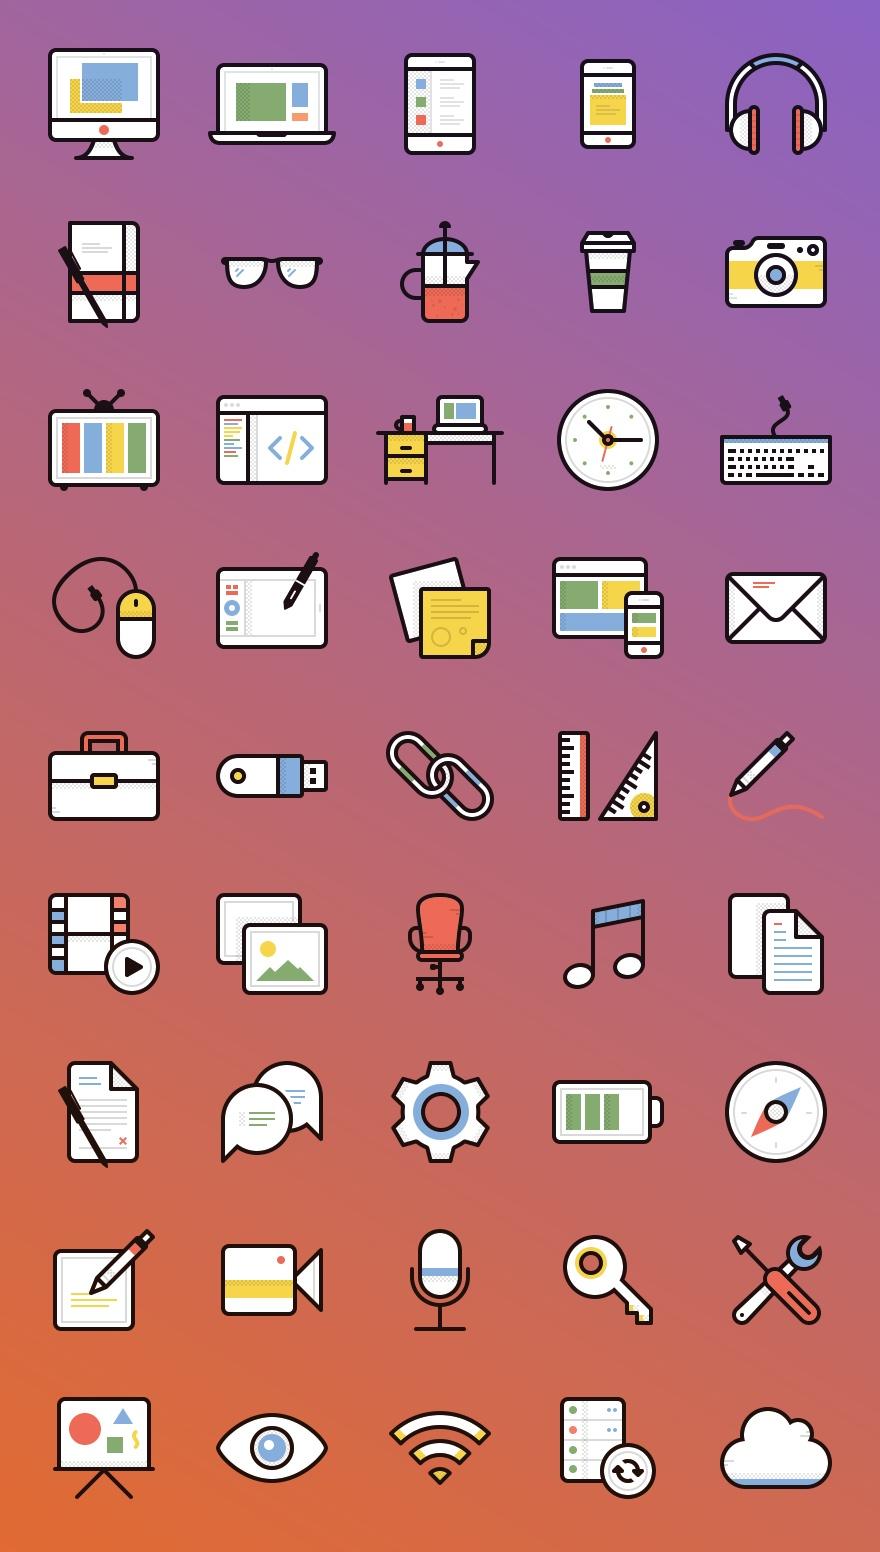 一些小图标|ui|图标|qyq123 - 原创作品 - 站酷图片